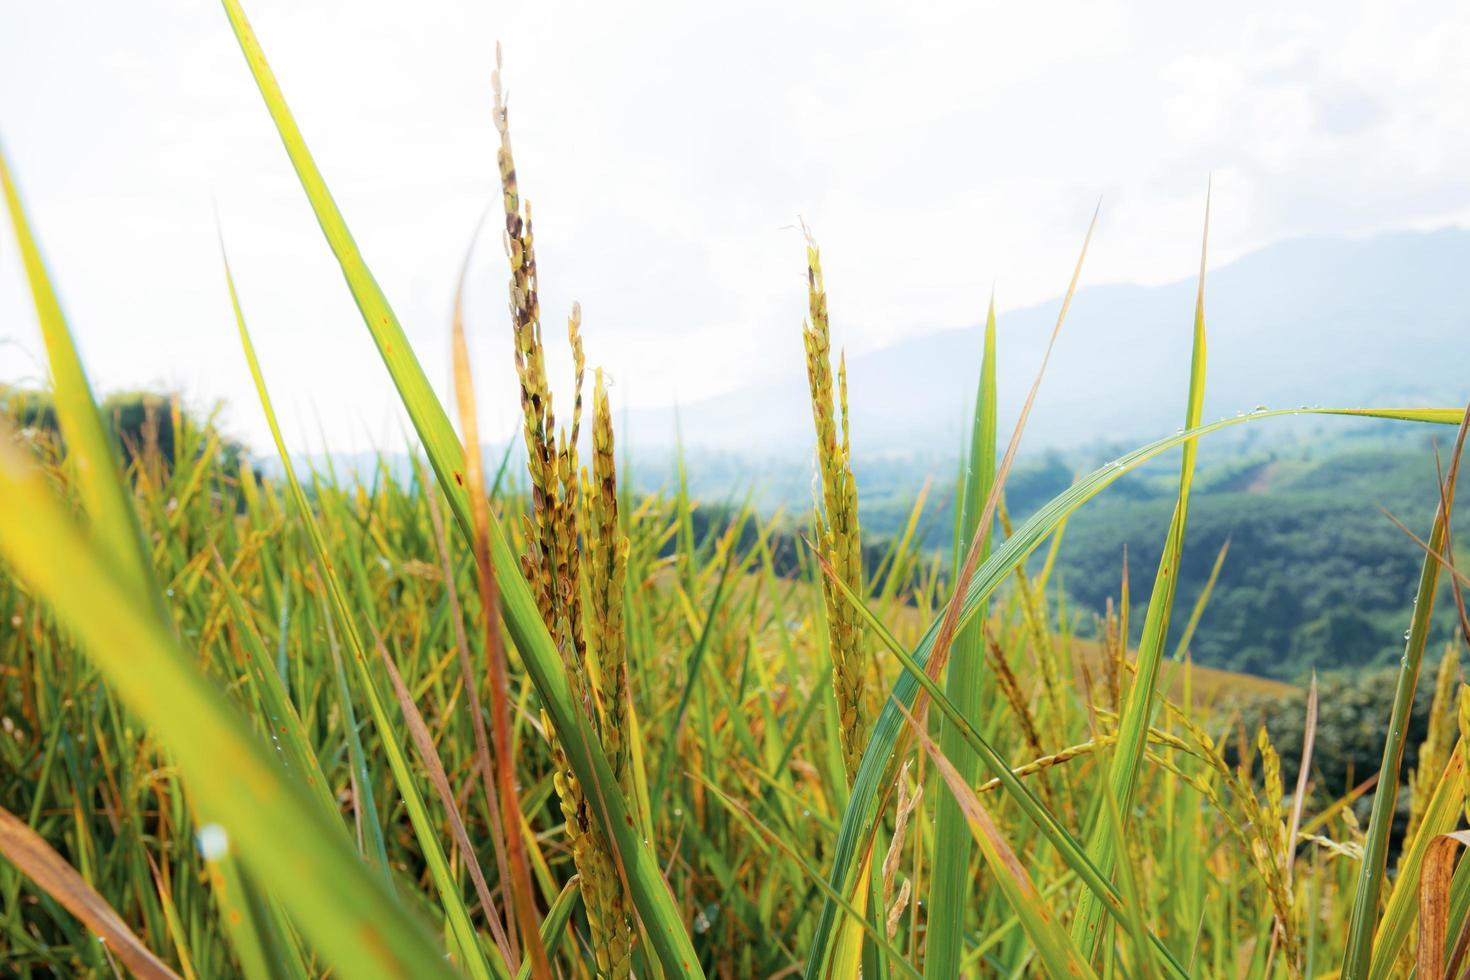 rijstveld op heuvel. foto